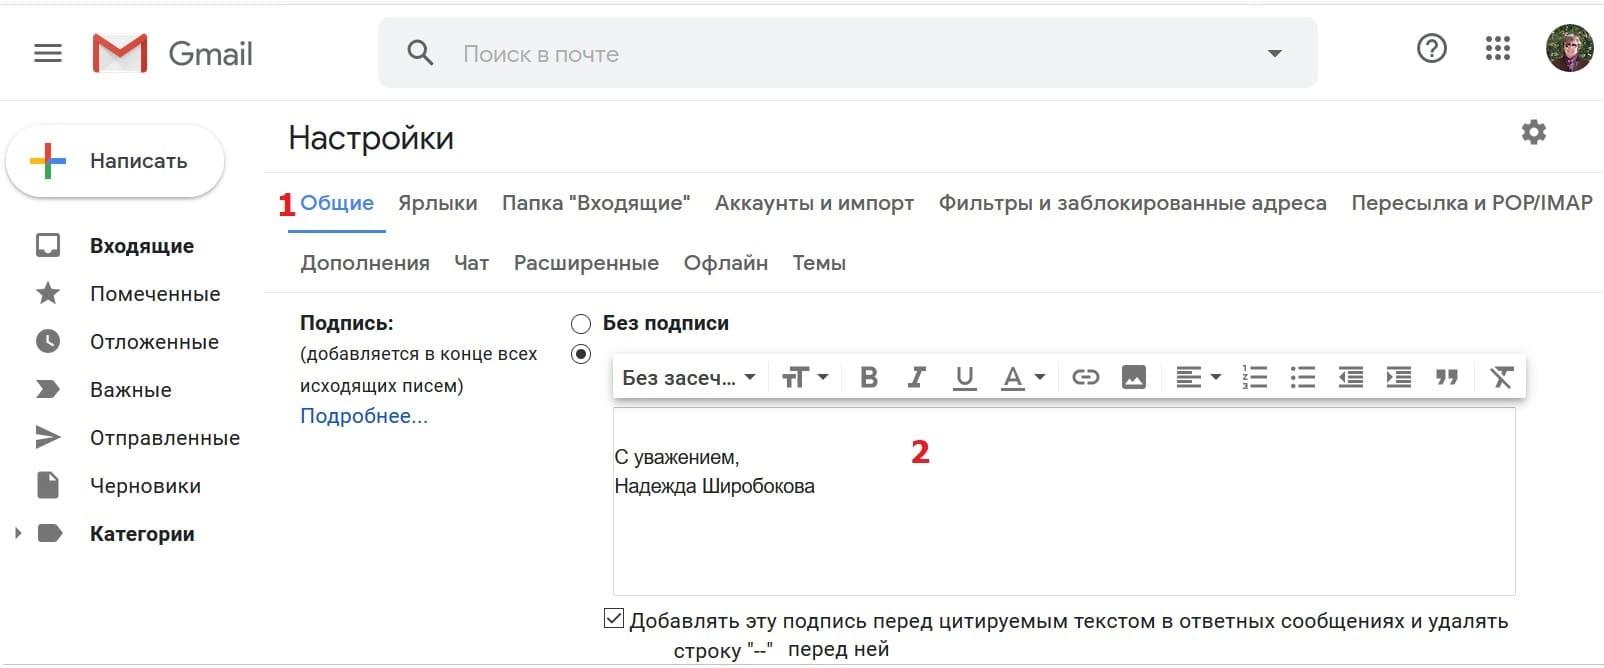 сделать подпись в письме gmail.com